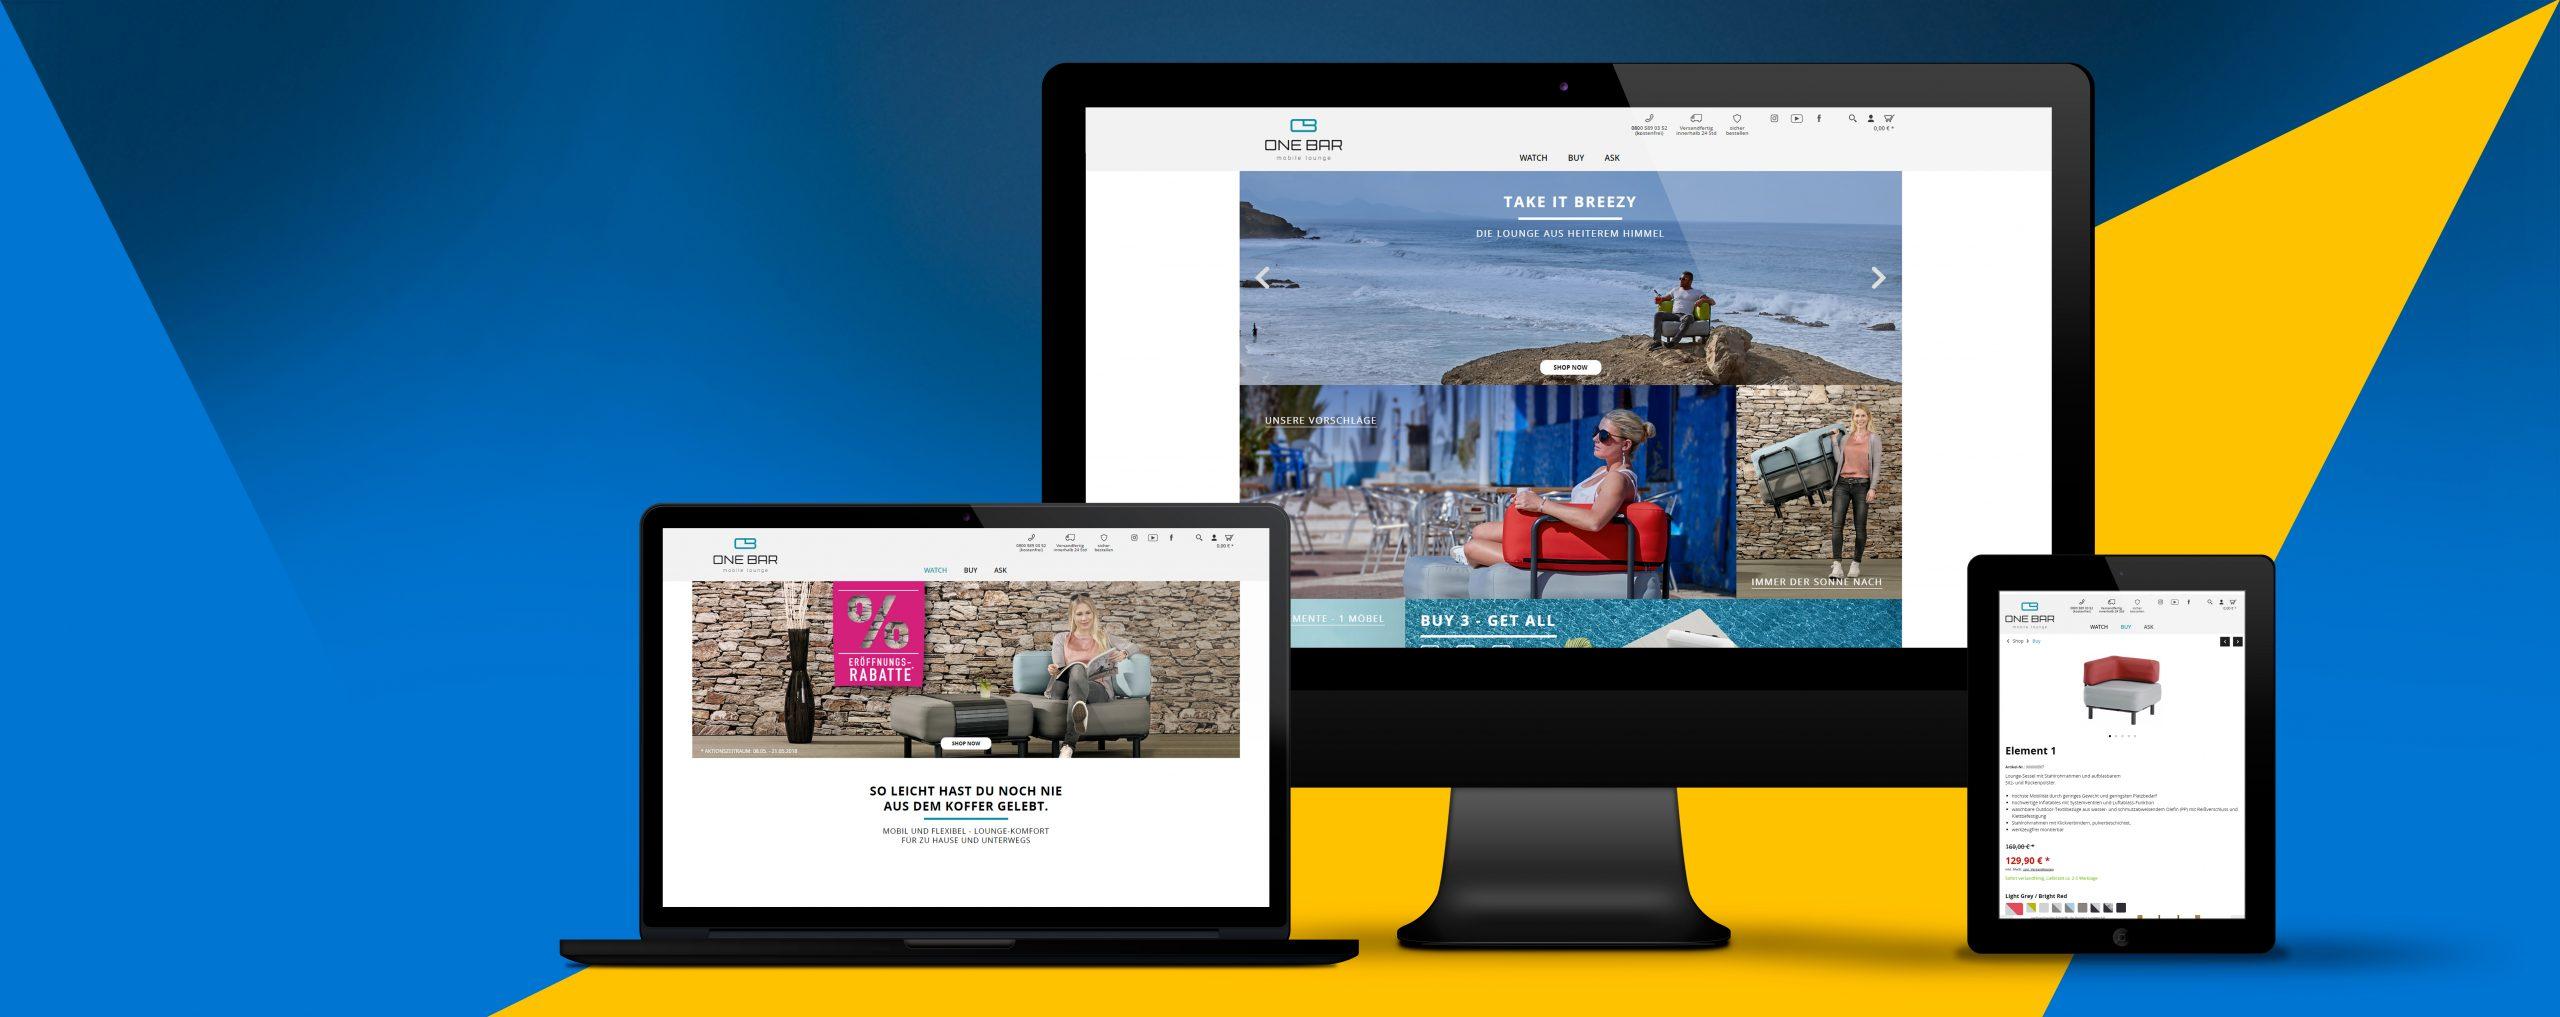 onebar-lounge.com | Die Lounge aus heiterem Himmel